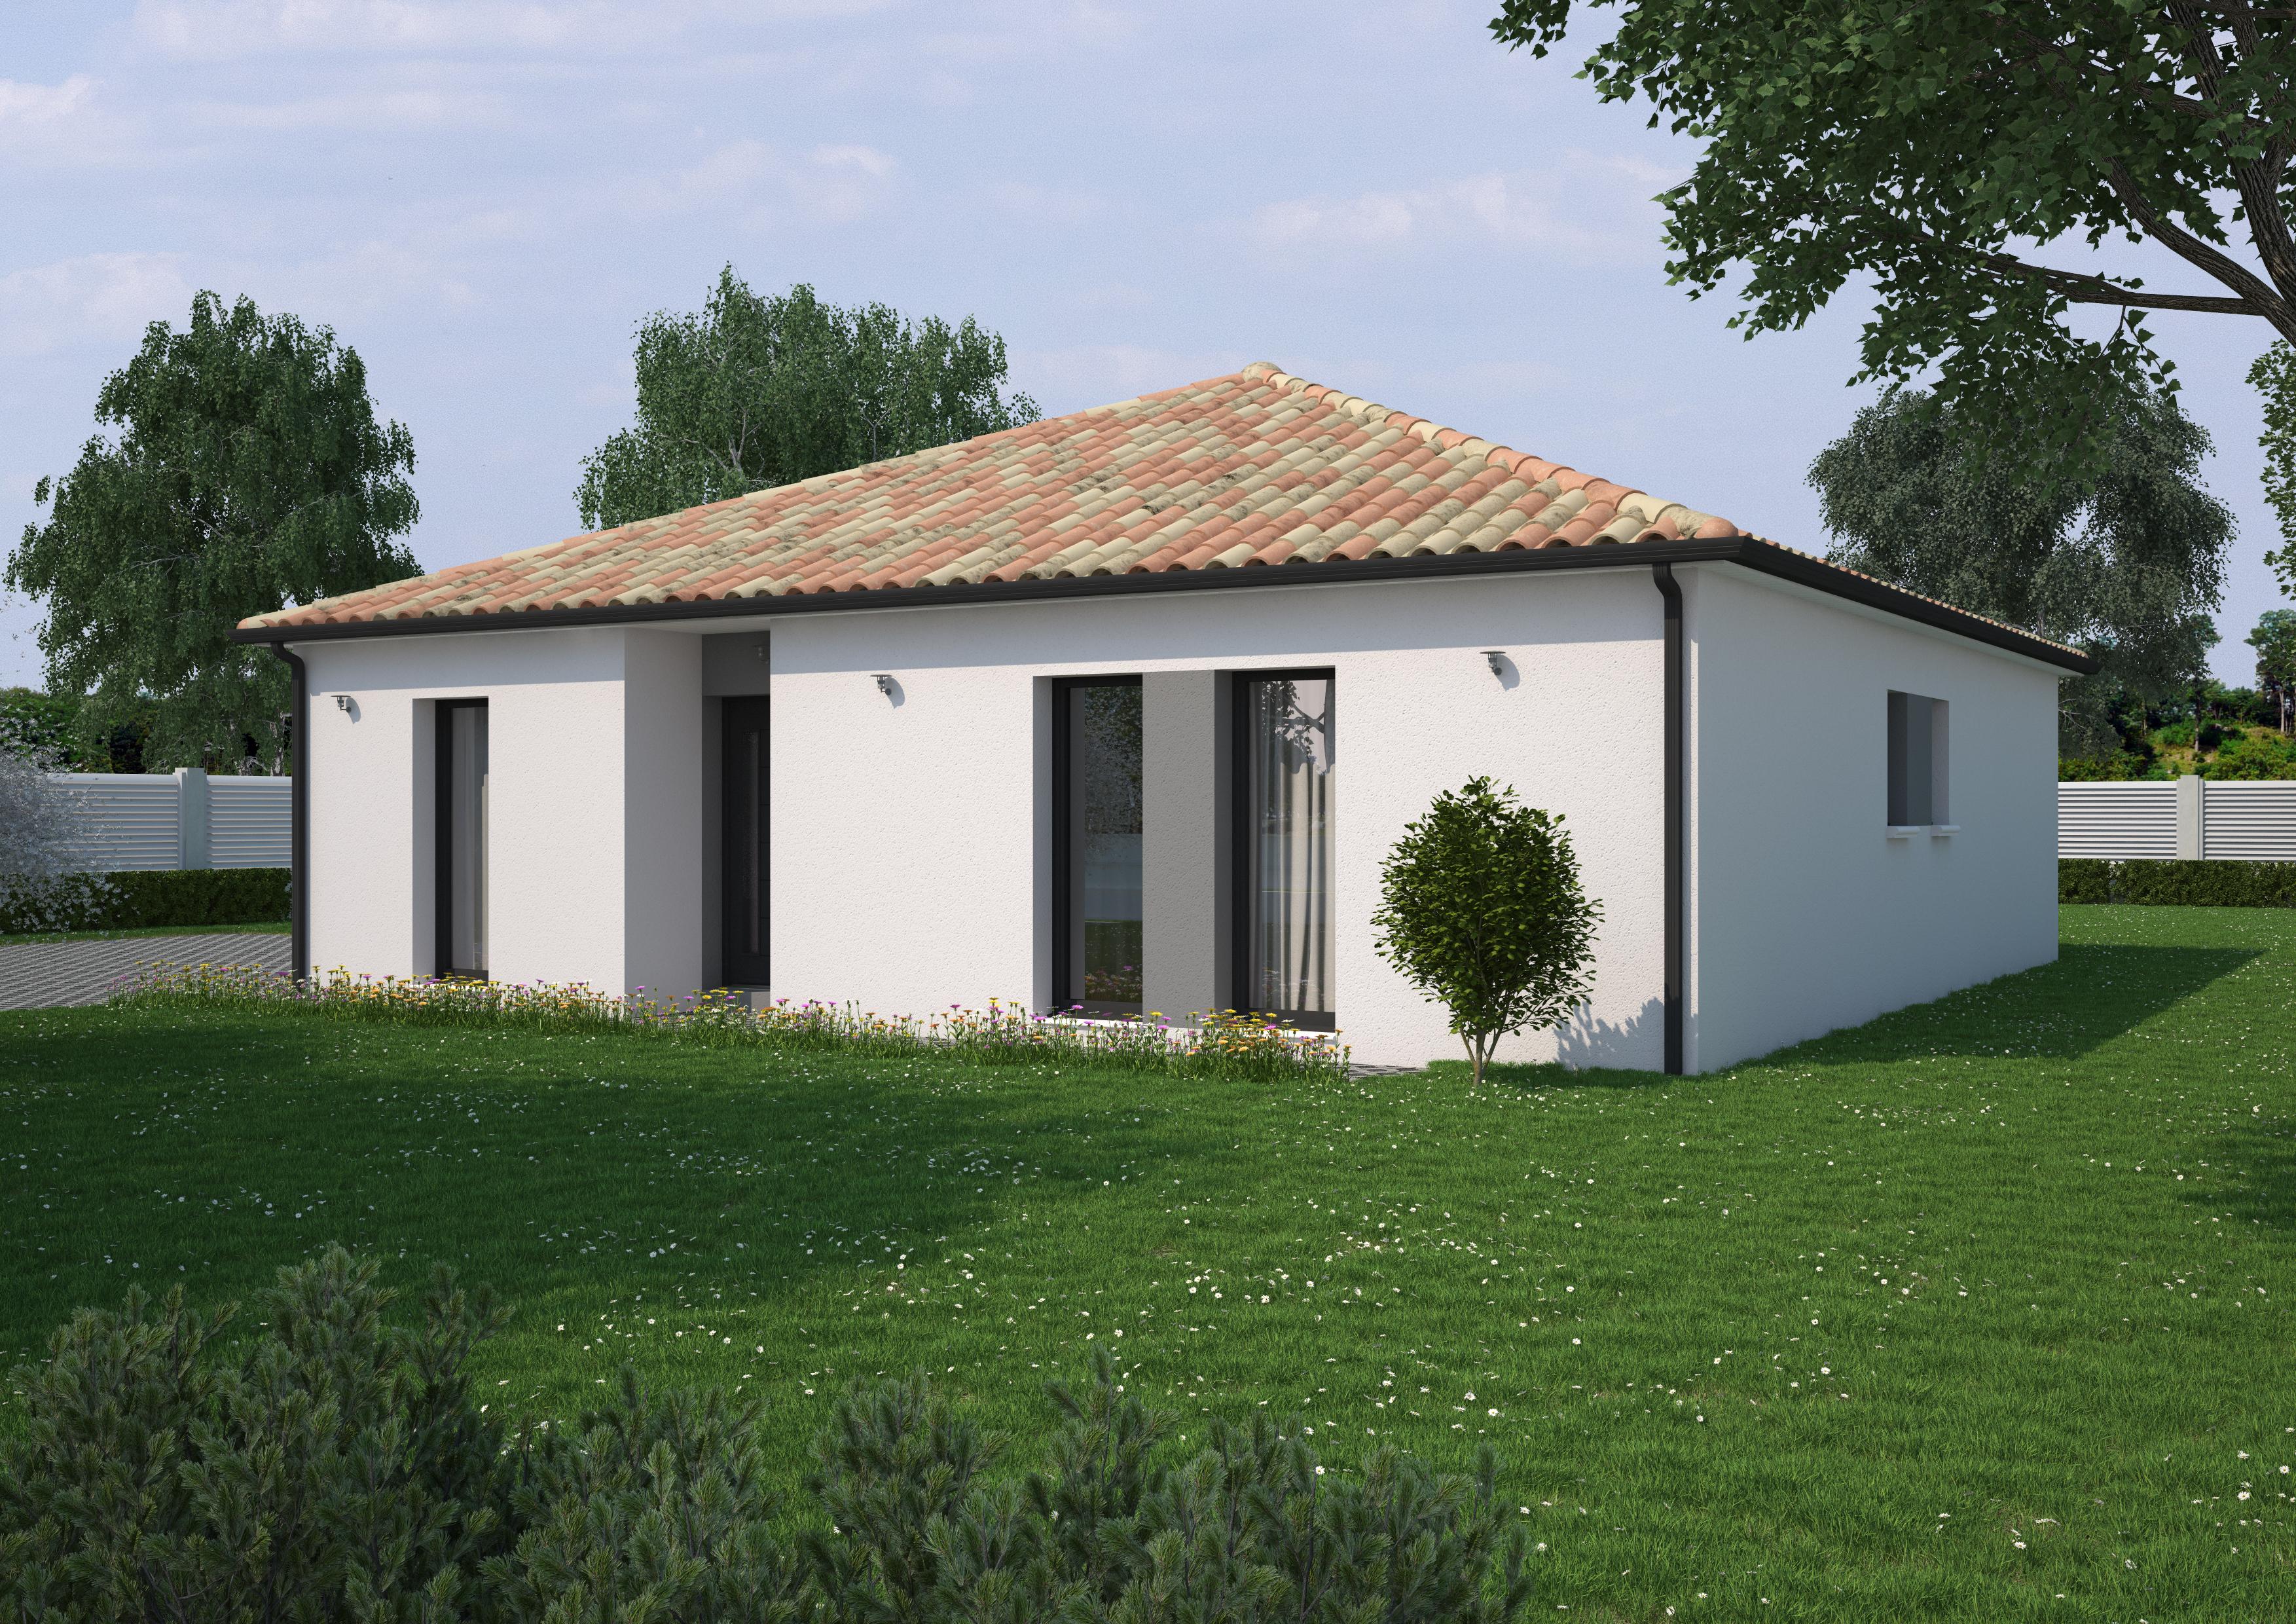 Maison 4 chambres de 106 m²